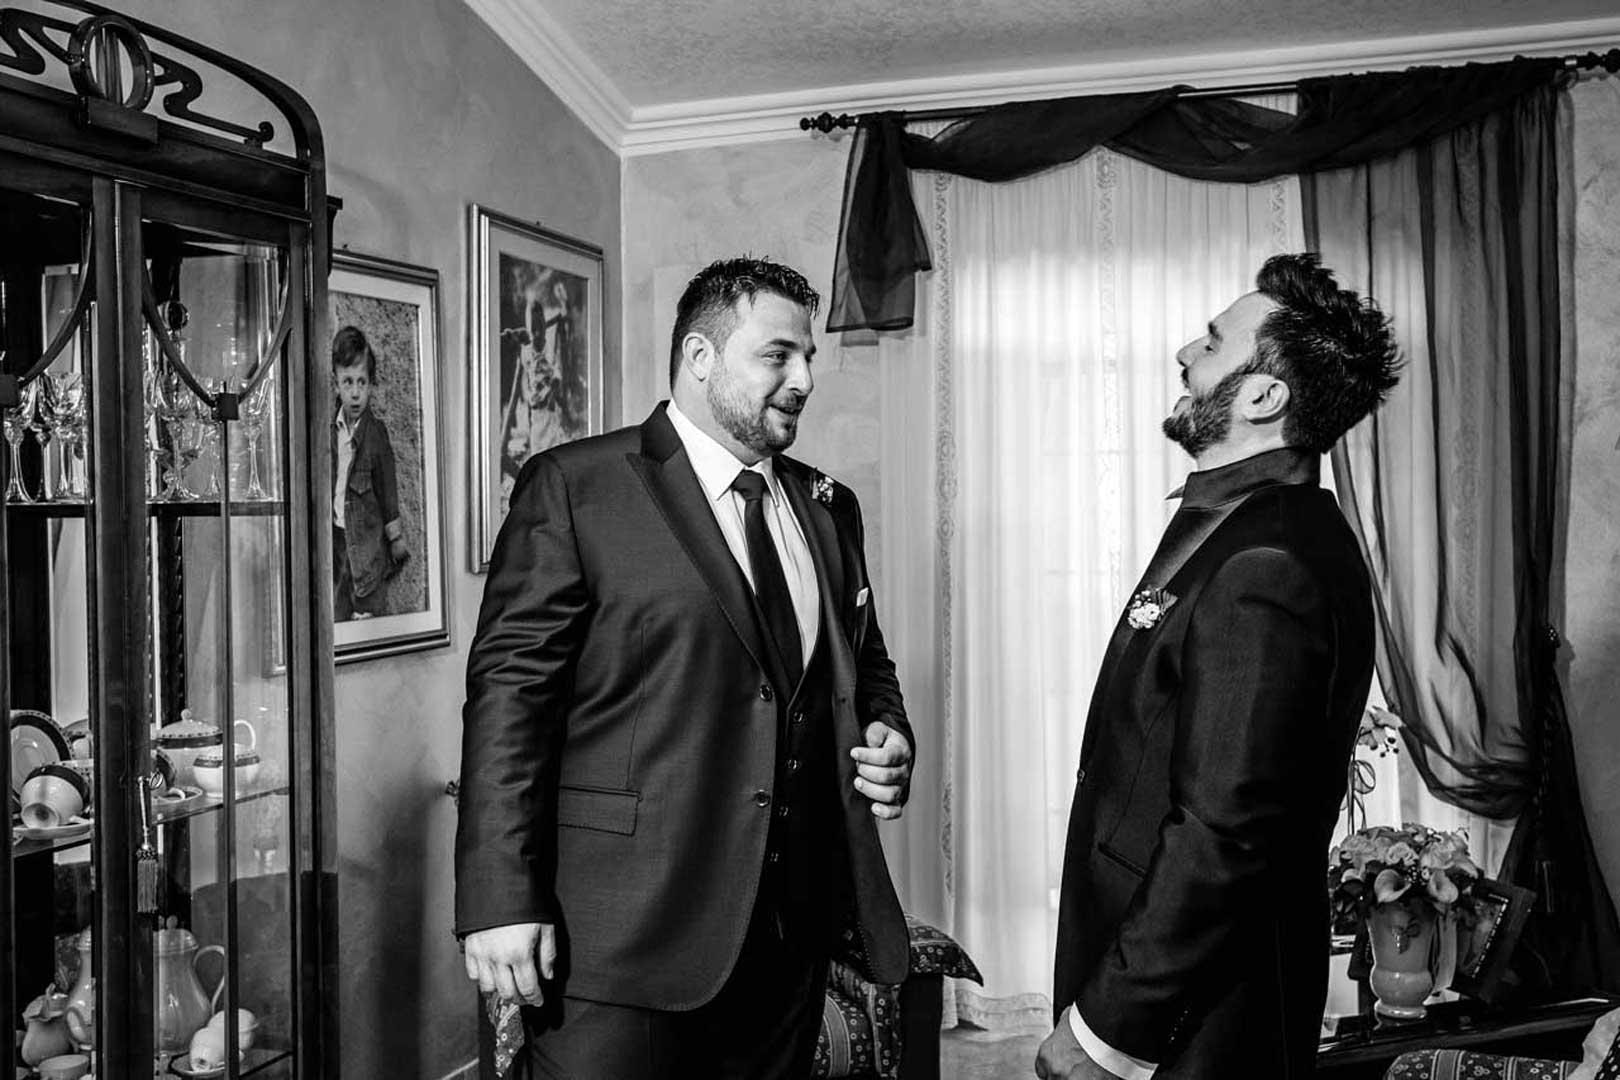 004-fratello-sposo-gianni-lepore-wedding-photographer